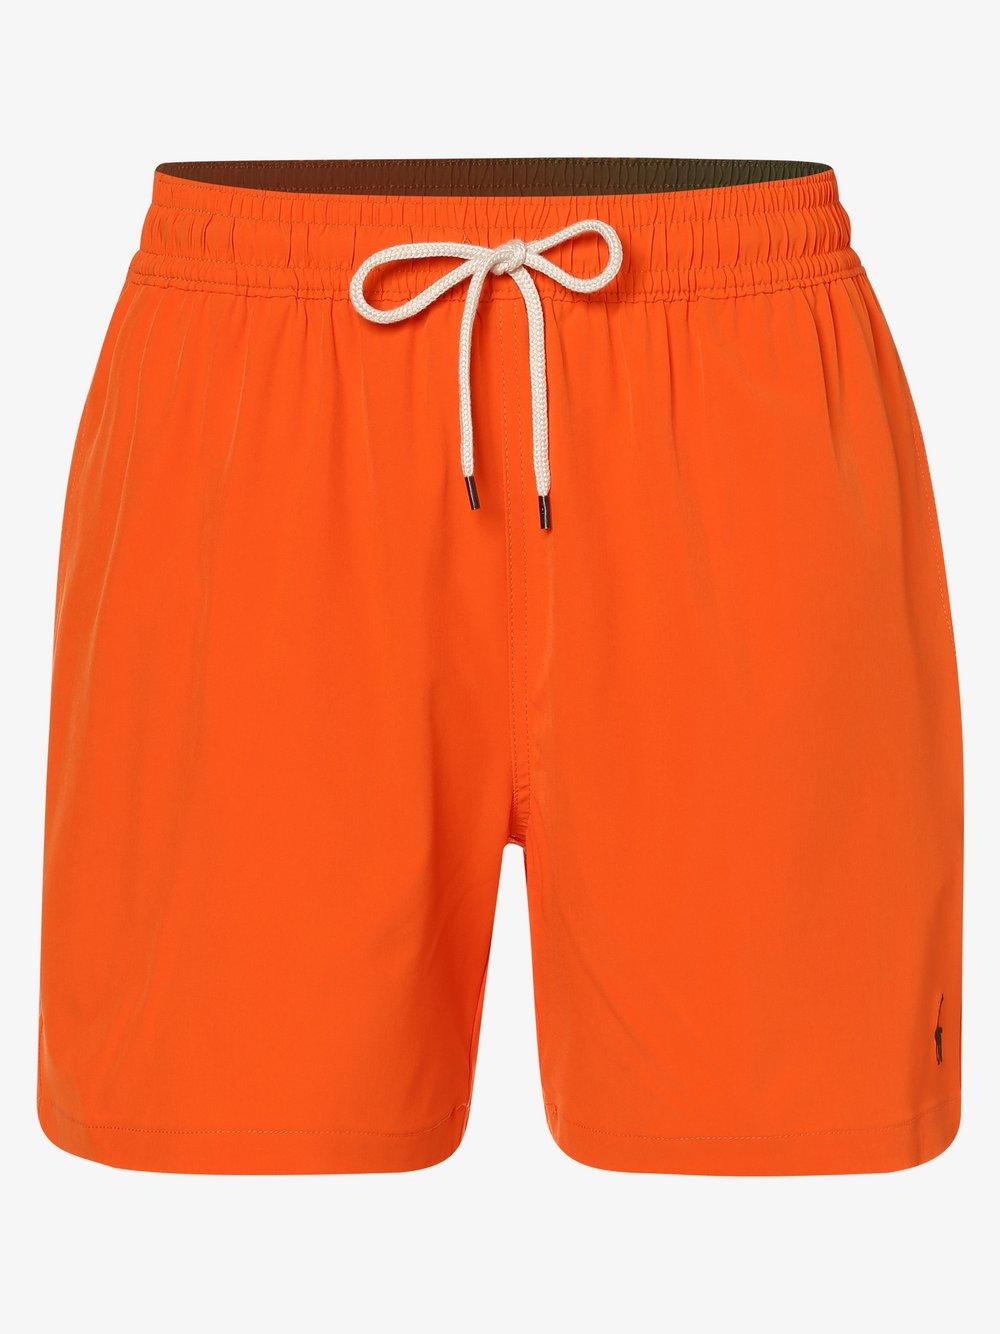 Polo Ralph Lauren - Męskie spodenki kąpielowe, pomarańczowy